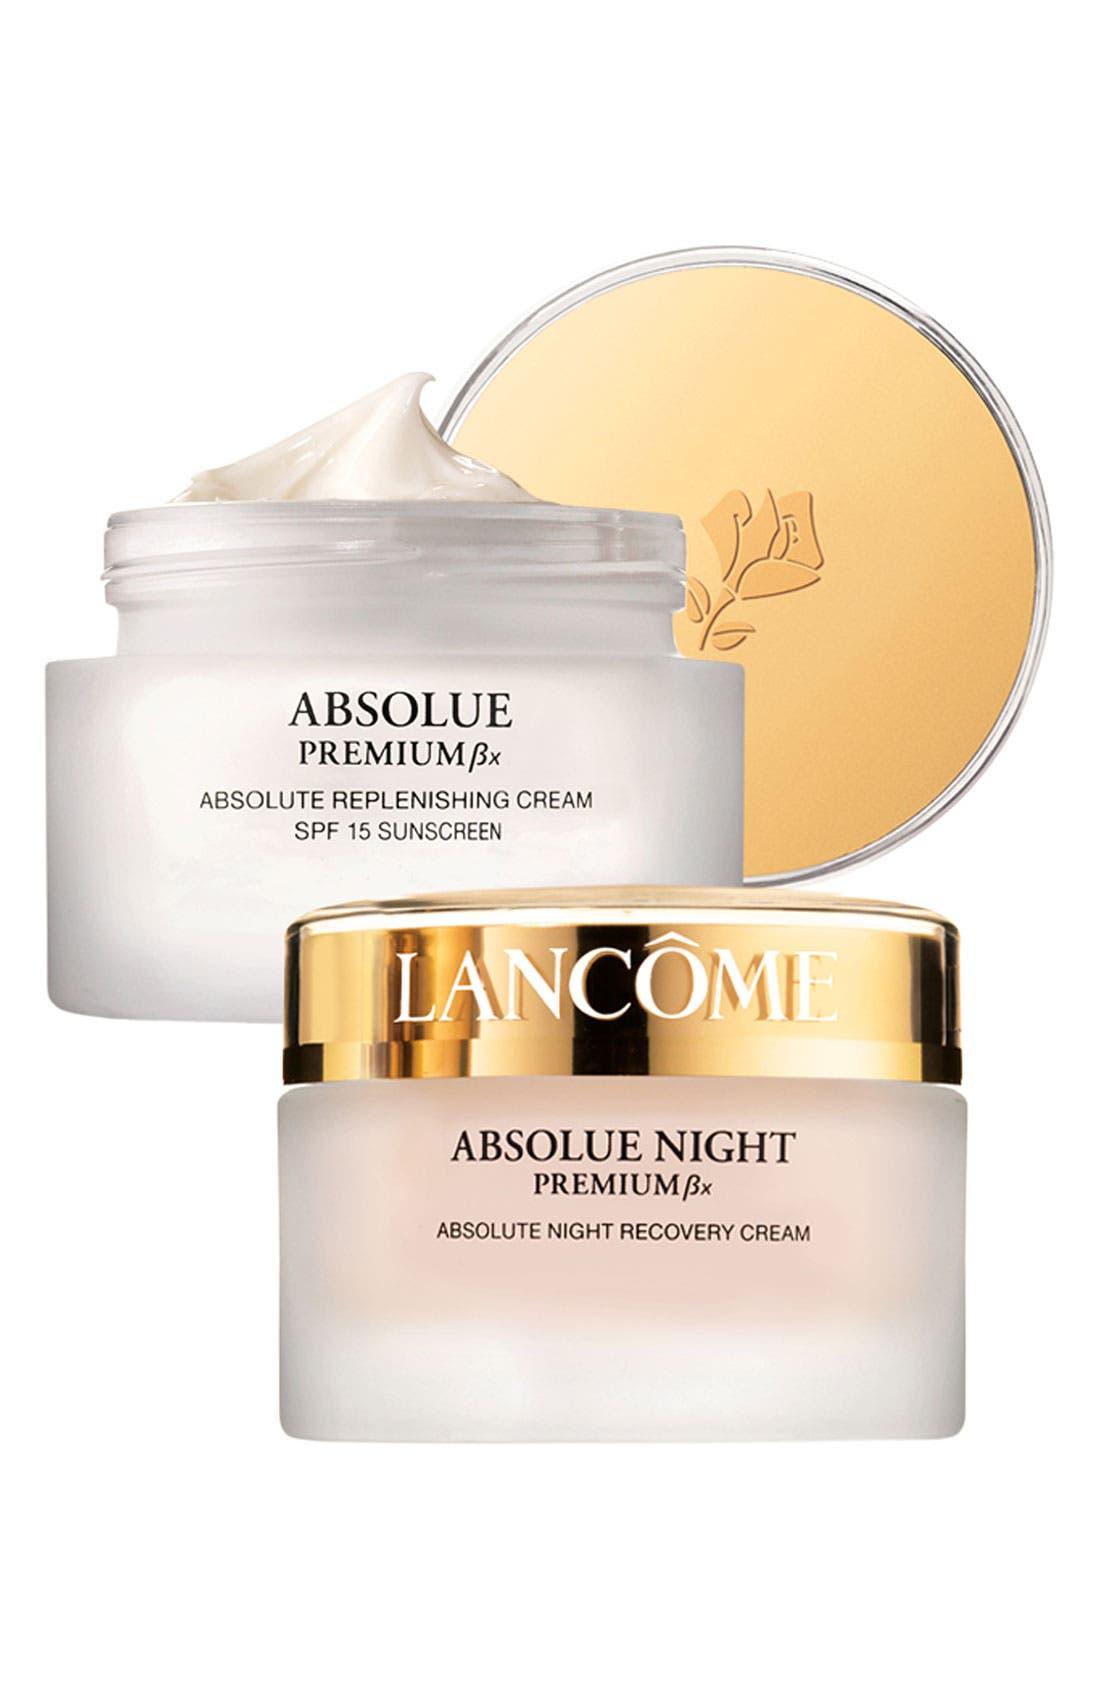 Main Image - Lancôme 'Absolue Premium ßx' Cream Duo ($330 Value)